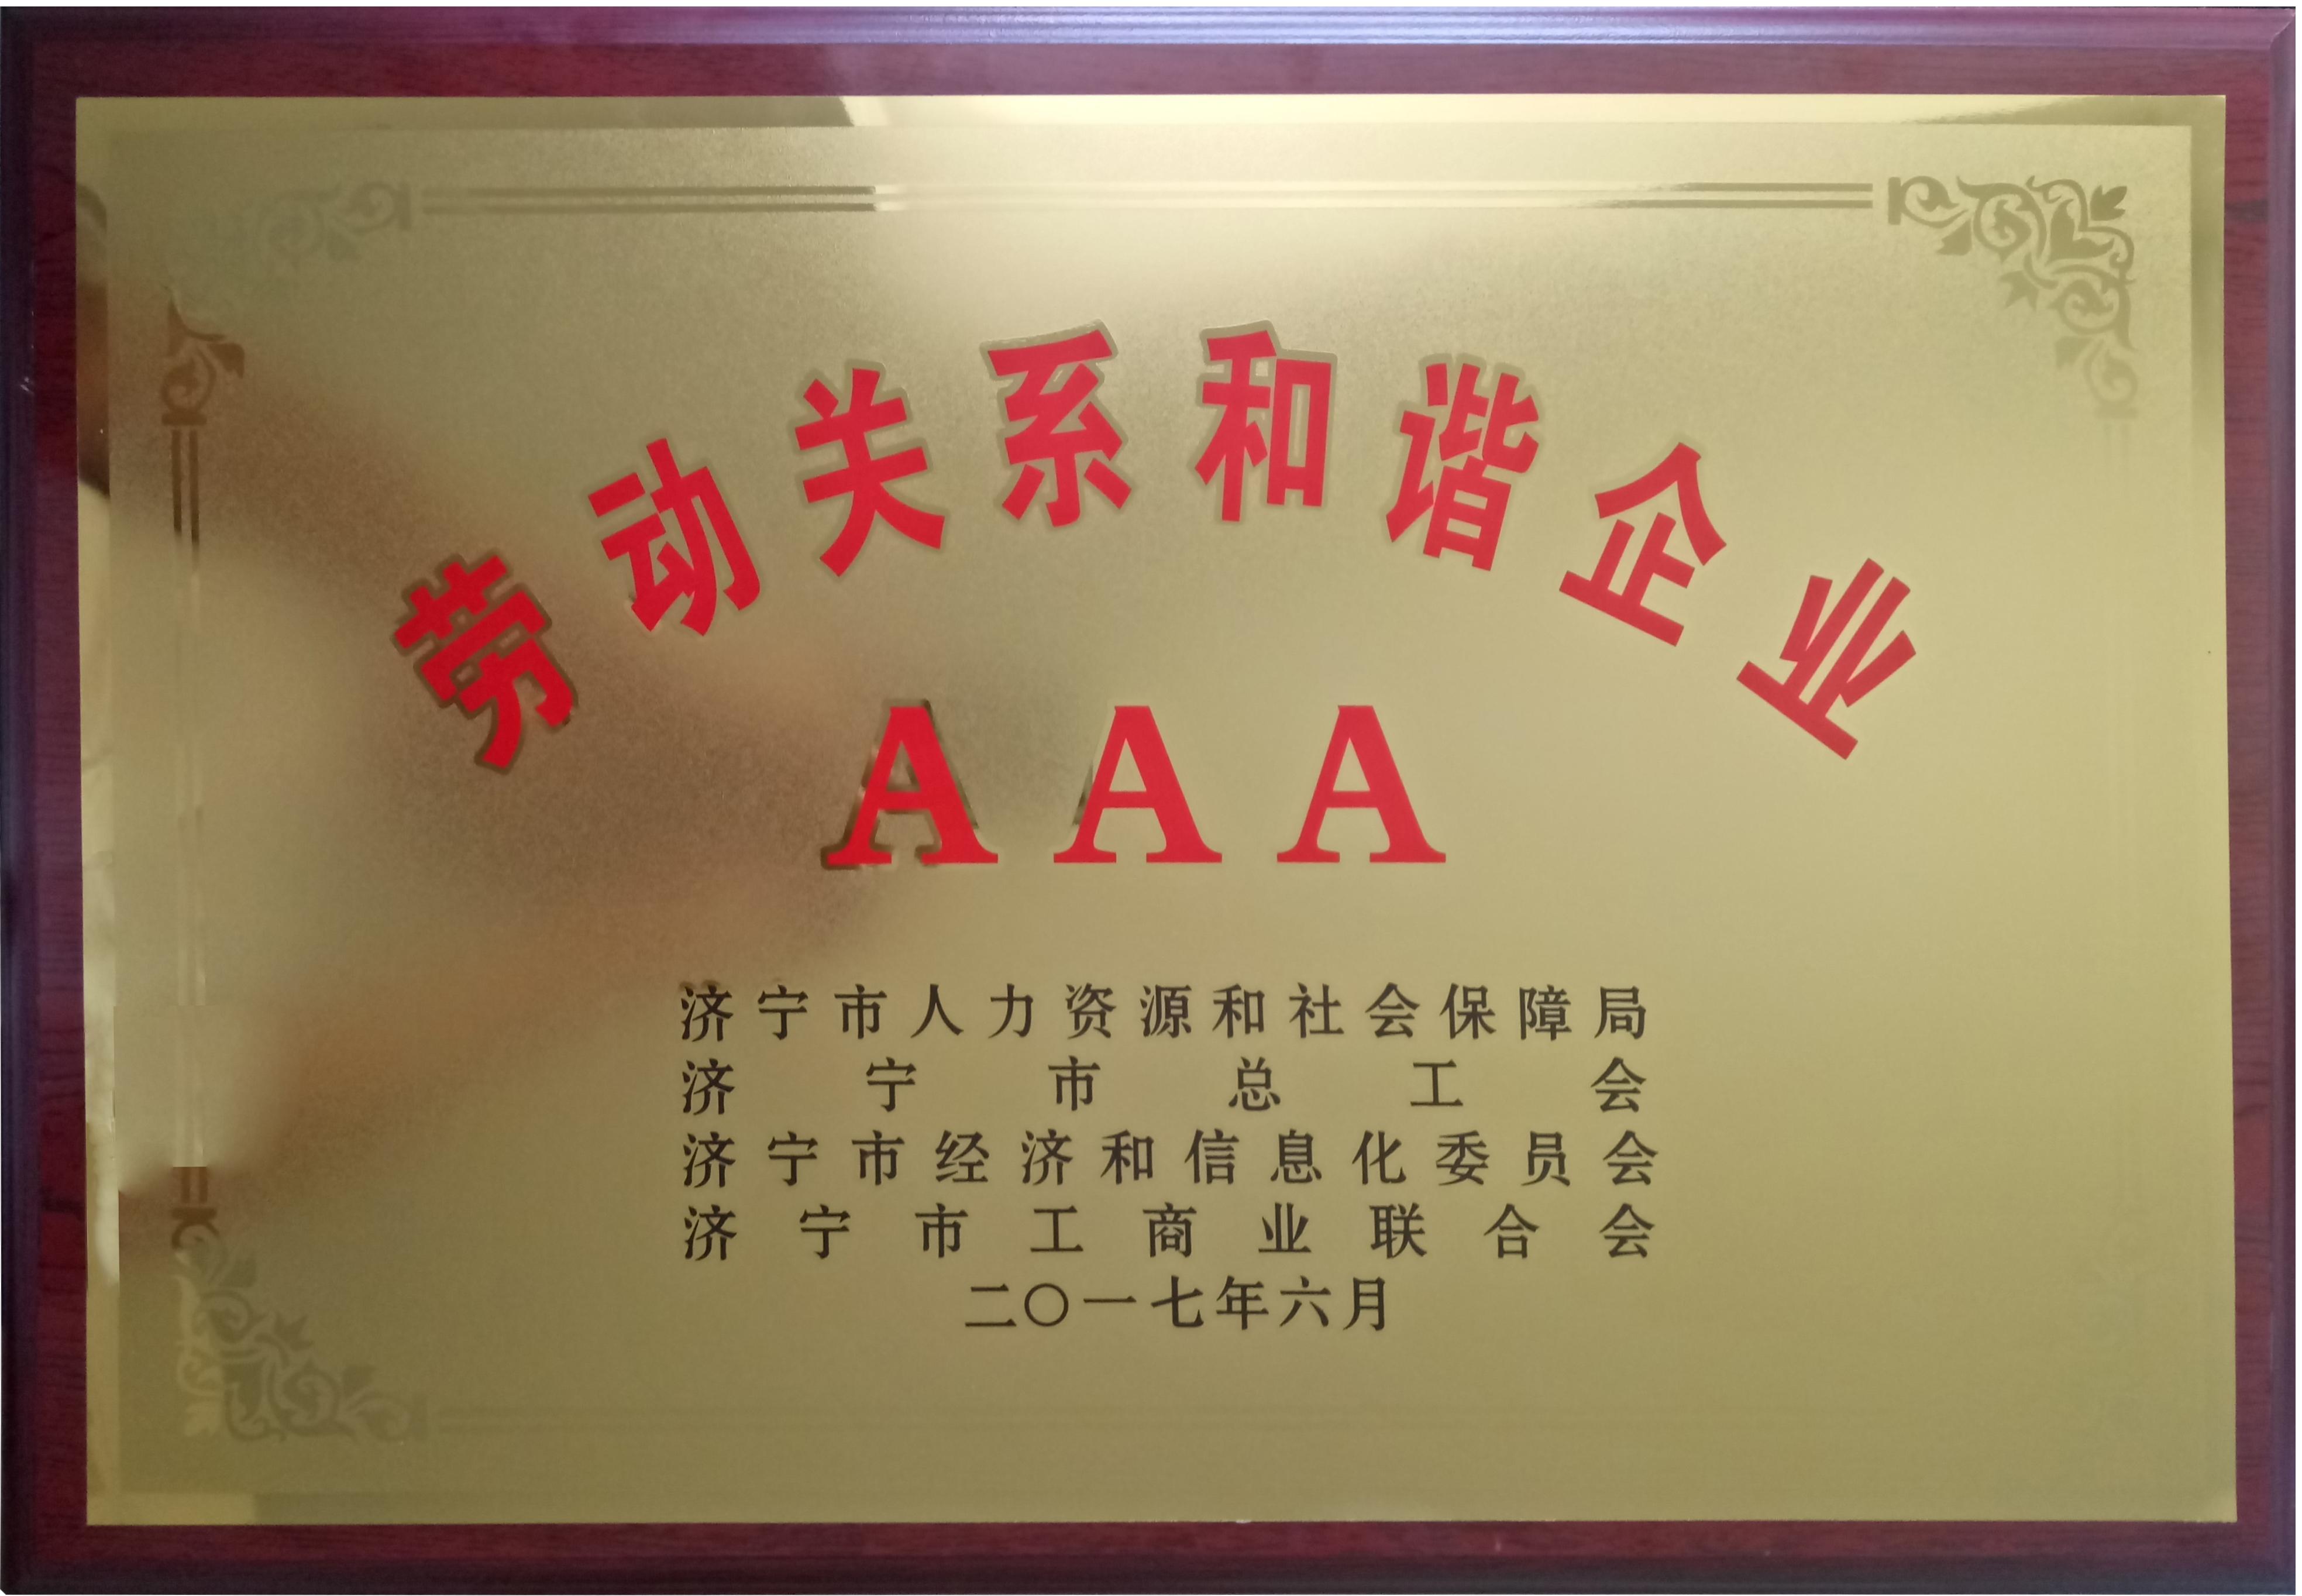 新众通安防被我市评为AAA级劳动关系和谐企业